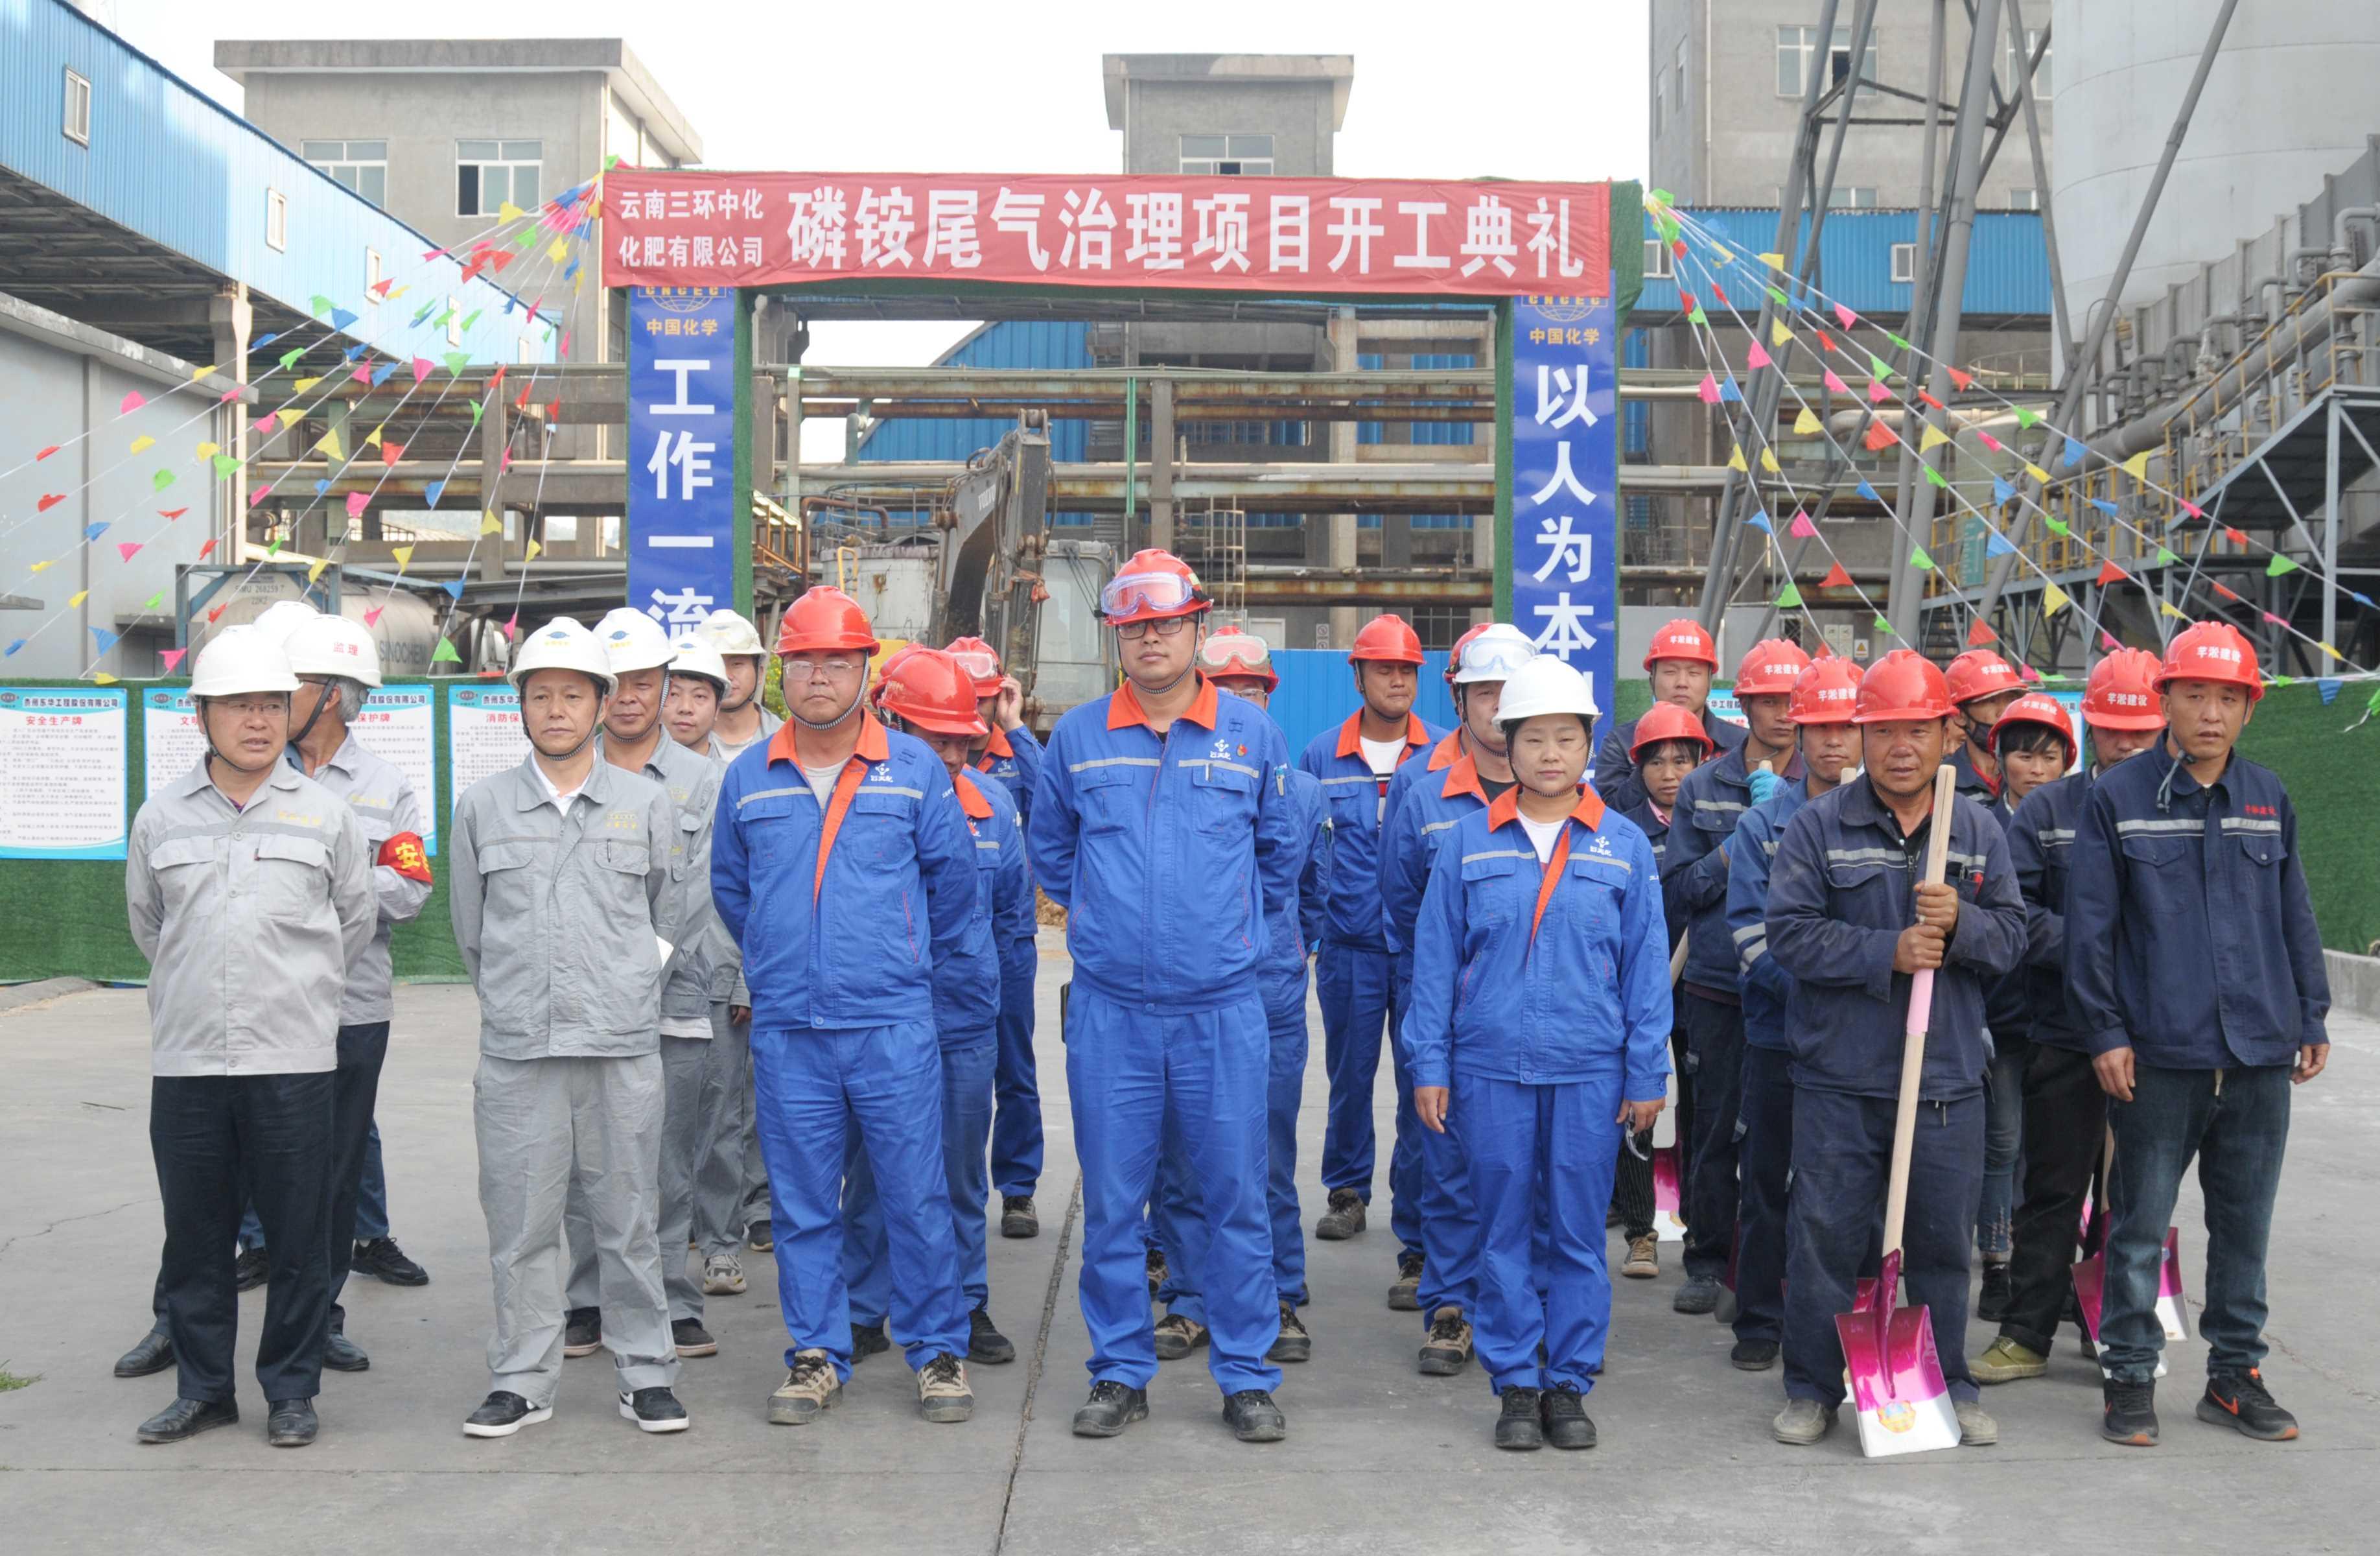 由我公司总承包的云南三环中化磷铵尾气深度治理项目举行开工典礼